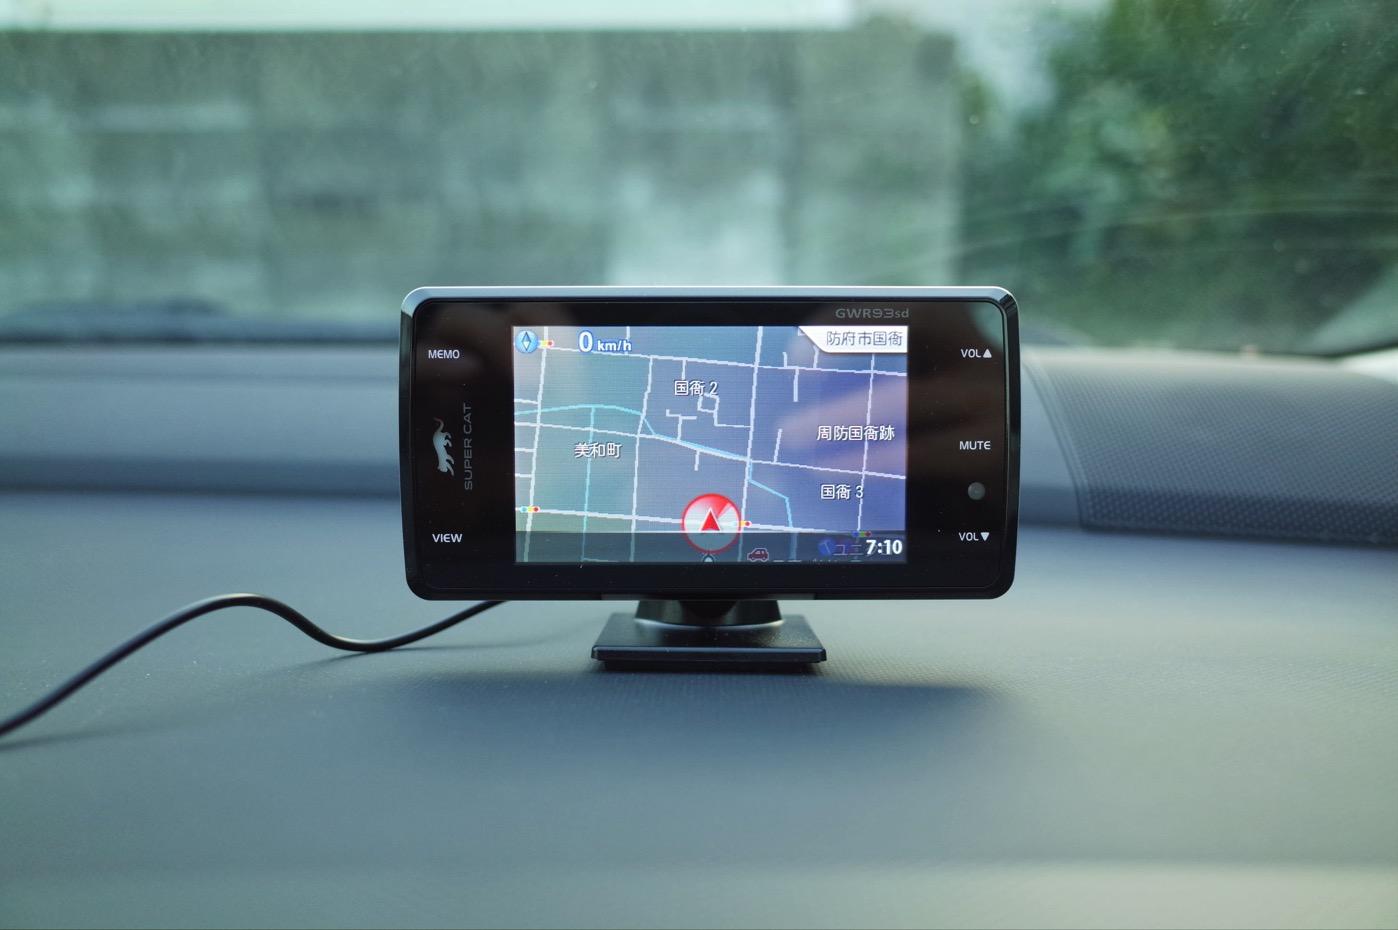 ユピテル レーダー探知機 スーパーキャット超高感度GPSアンテナ搭載 一体型 GWR93sd-12